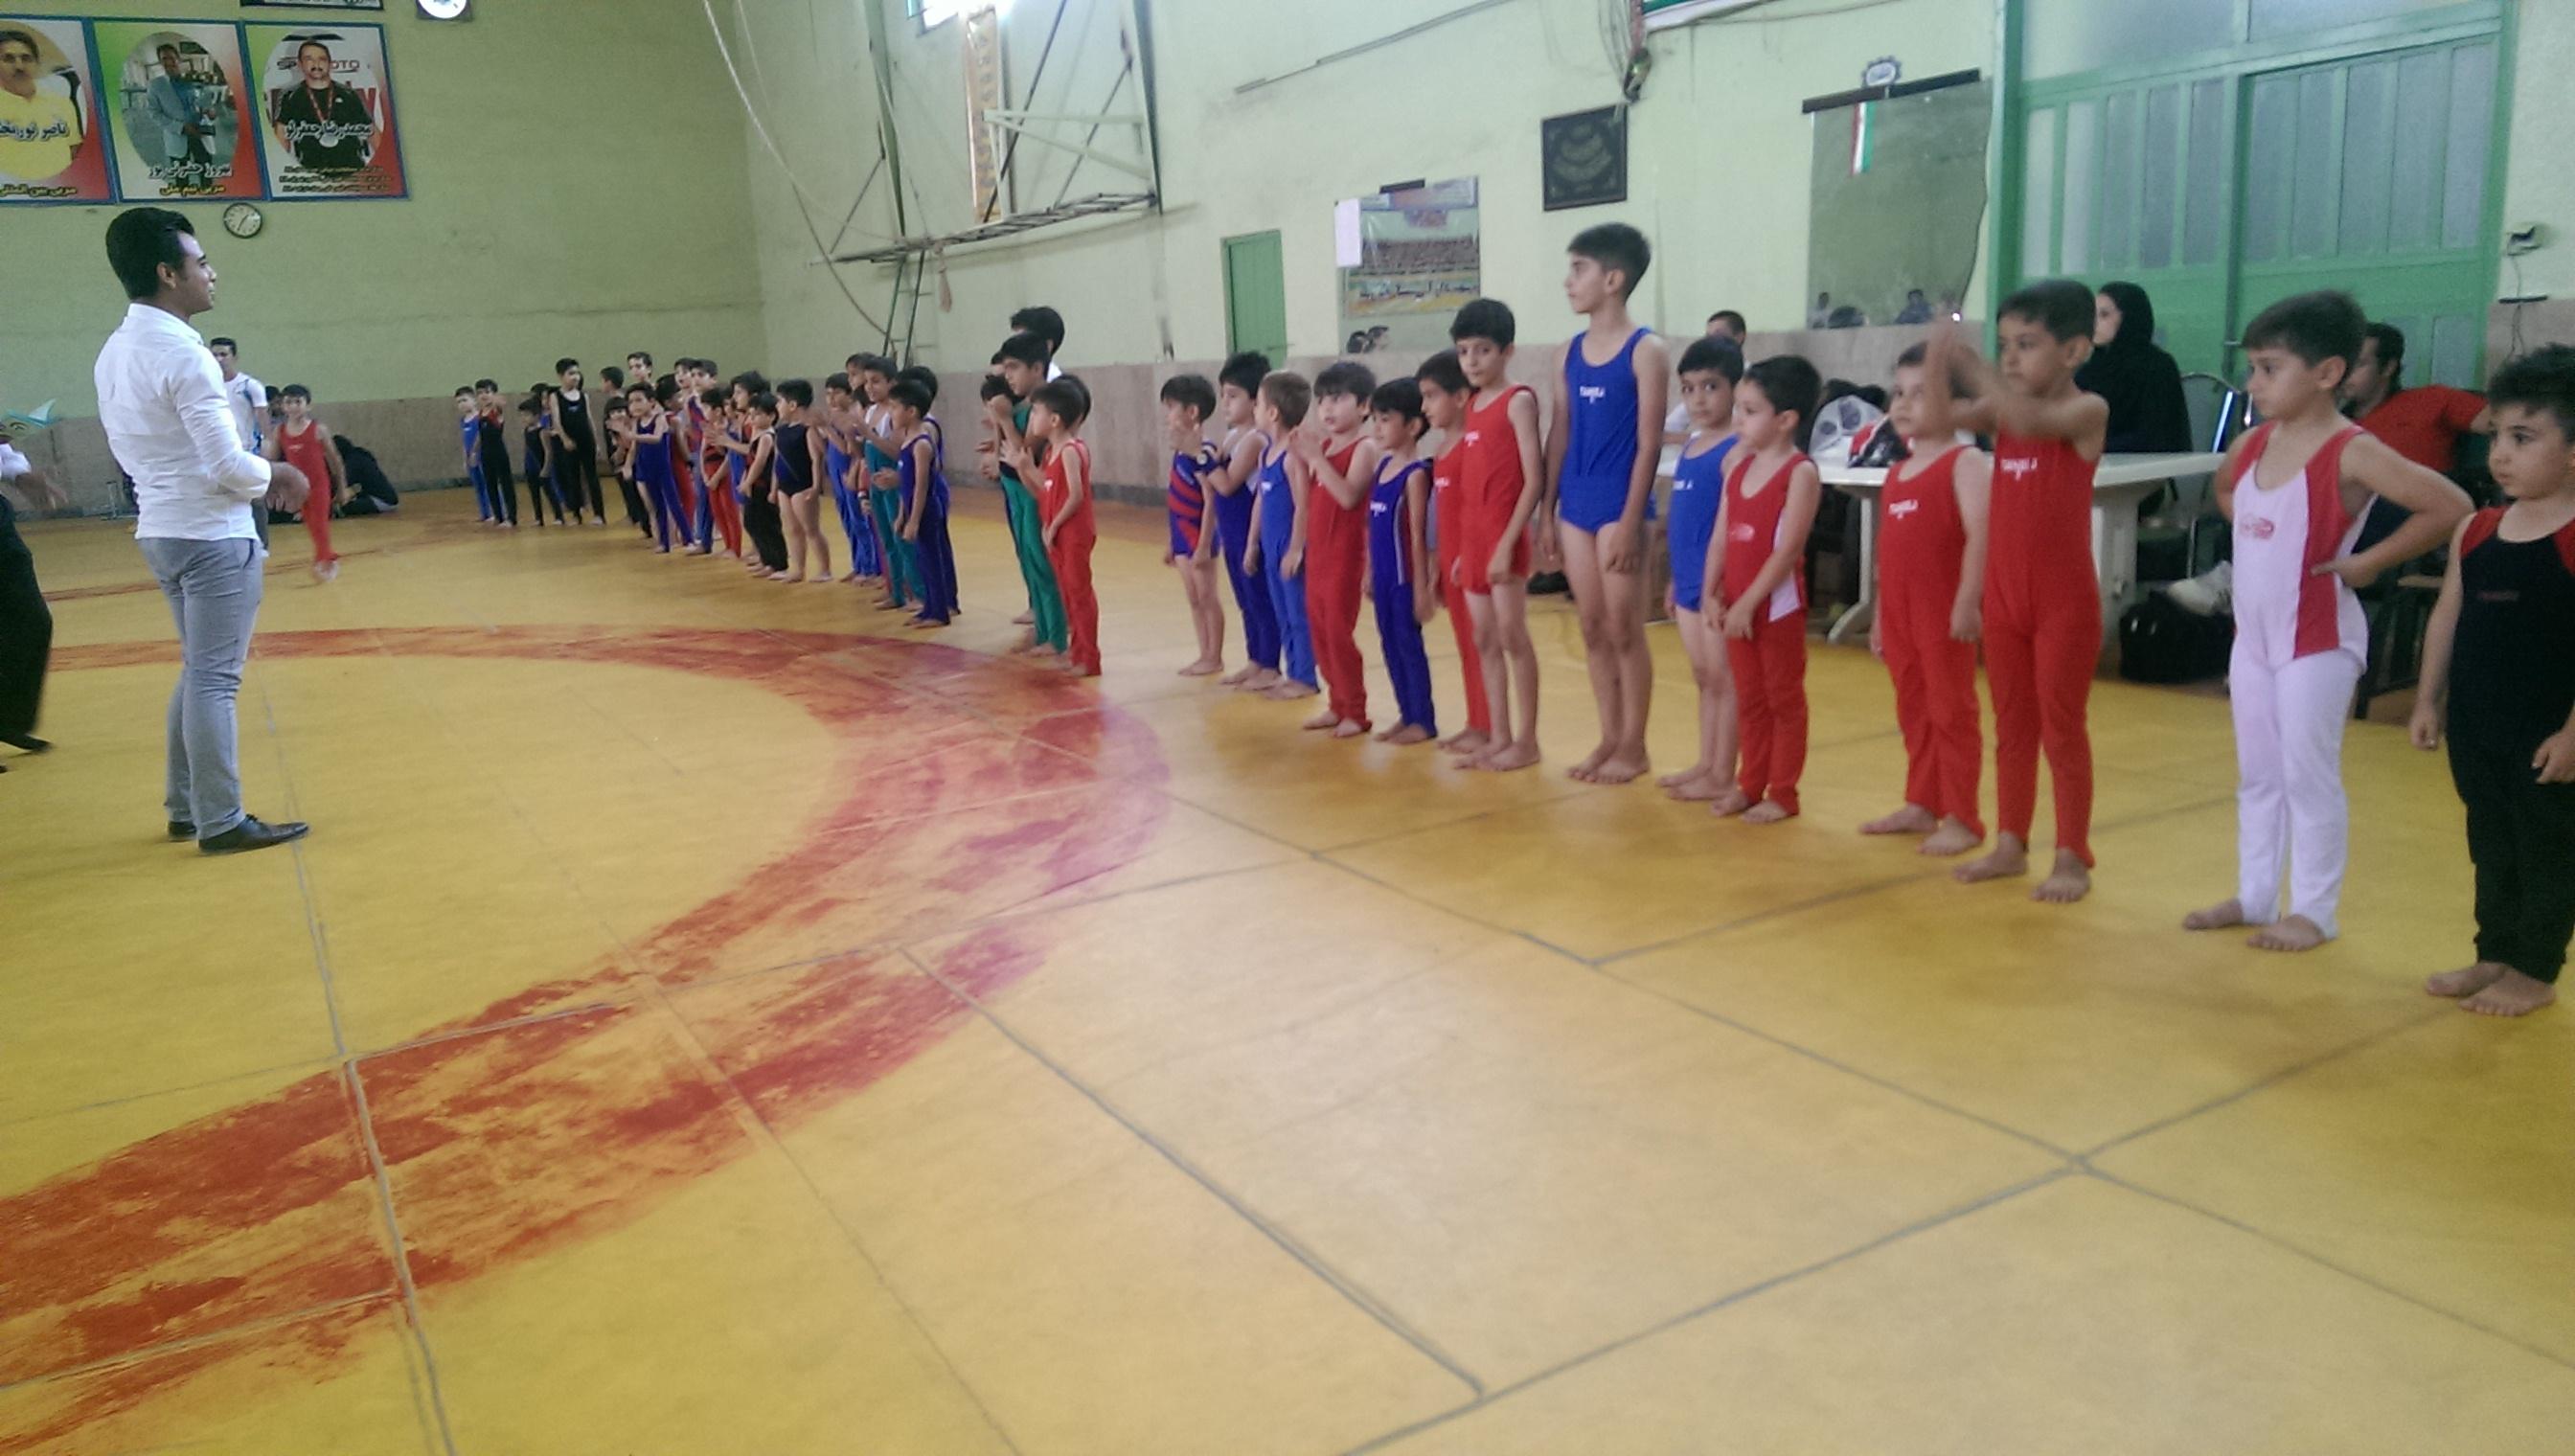 مسابقات استعدادیابی ژیمناستیک در شهریار پایان یافت